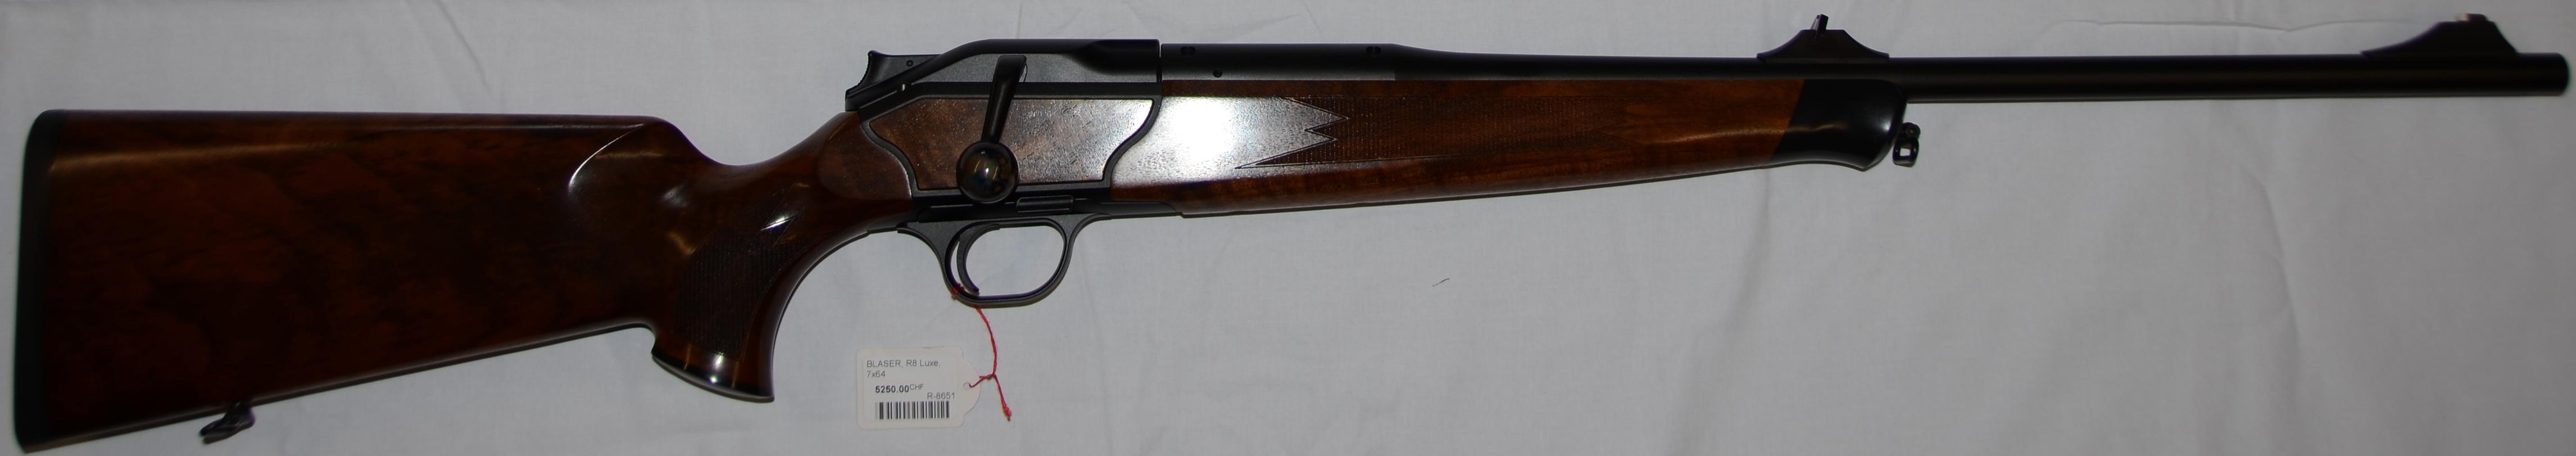 BLASER R8 Luxe Image